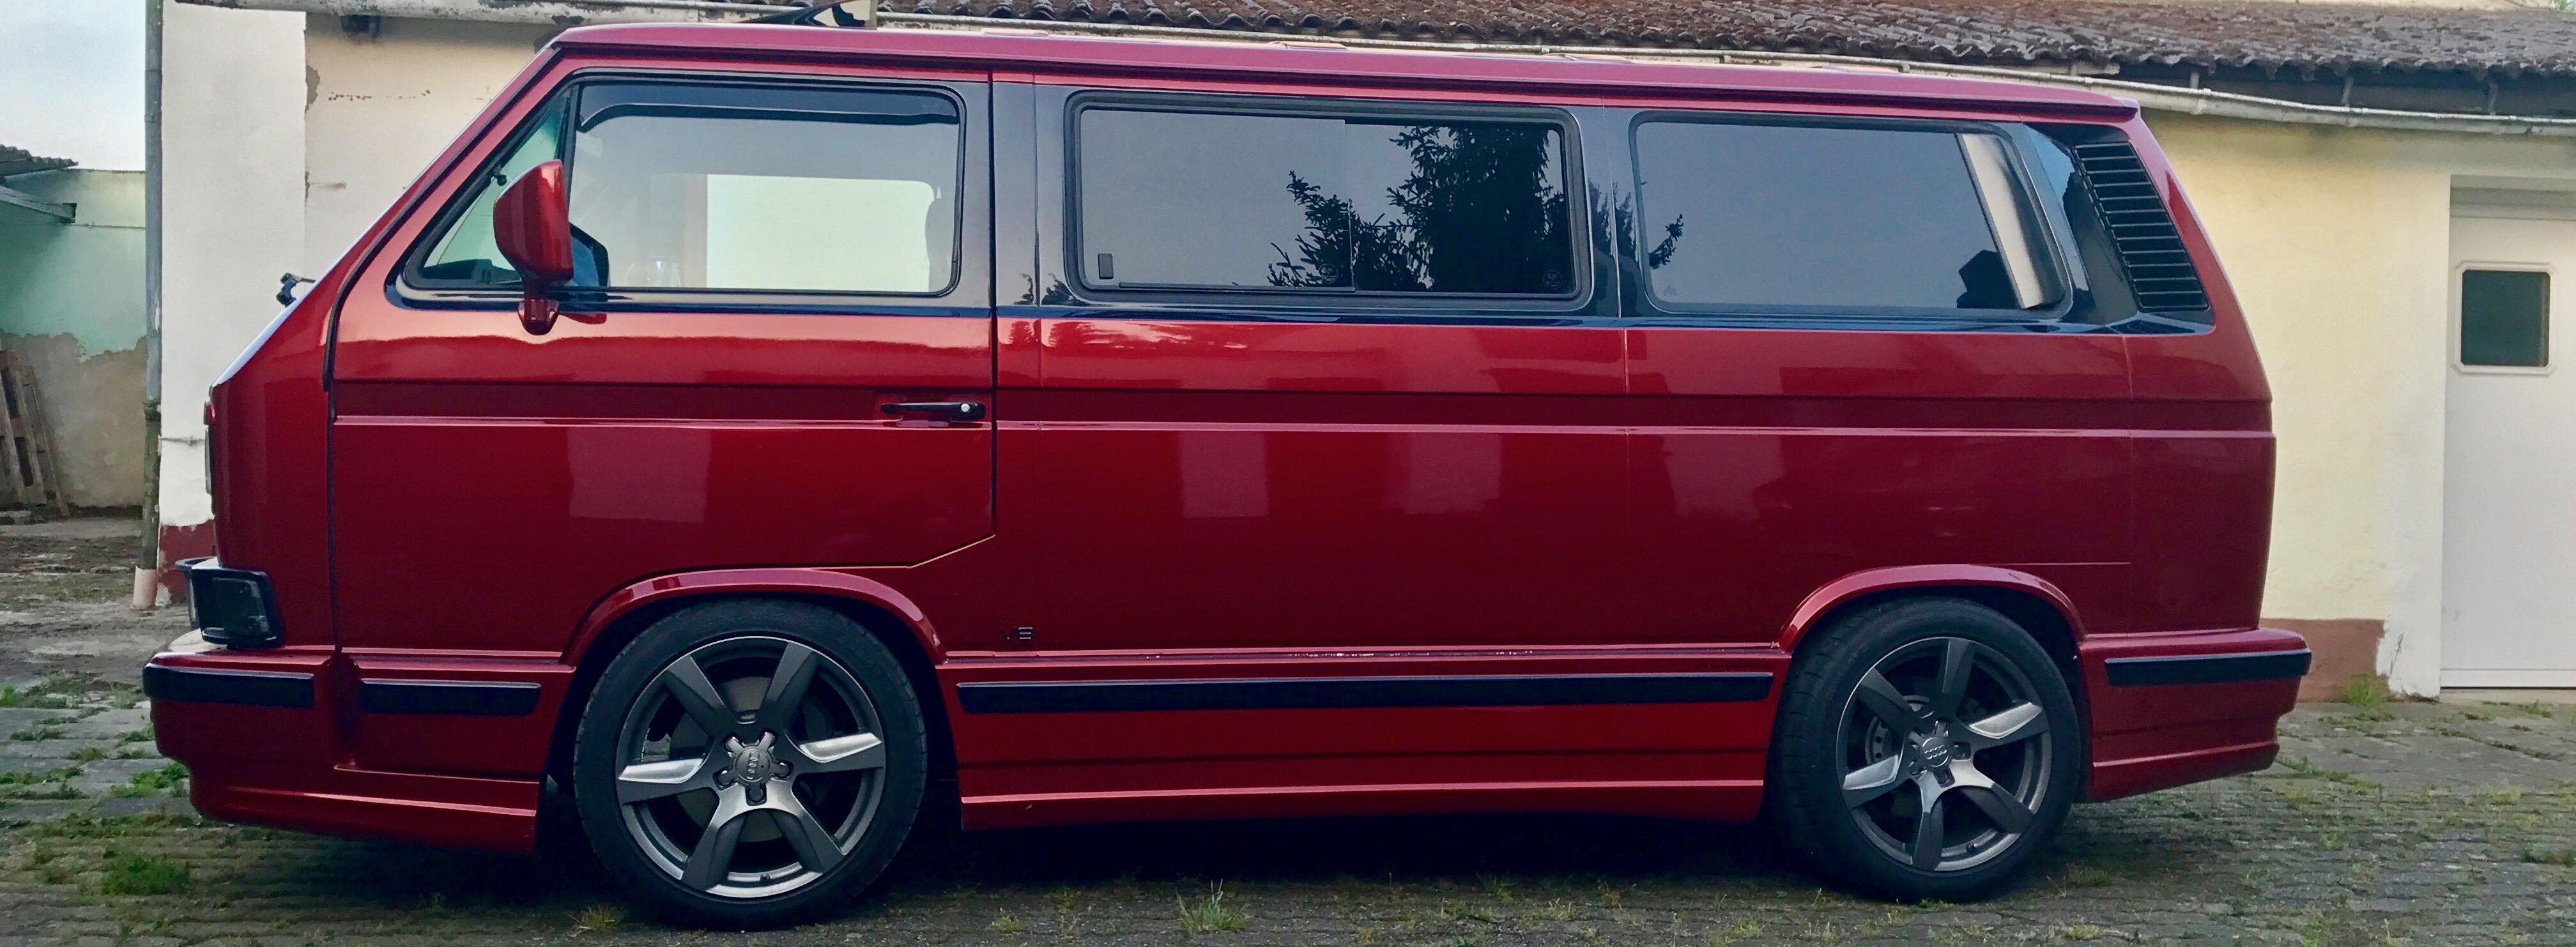 T3 Carat V8